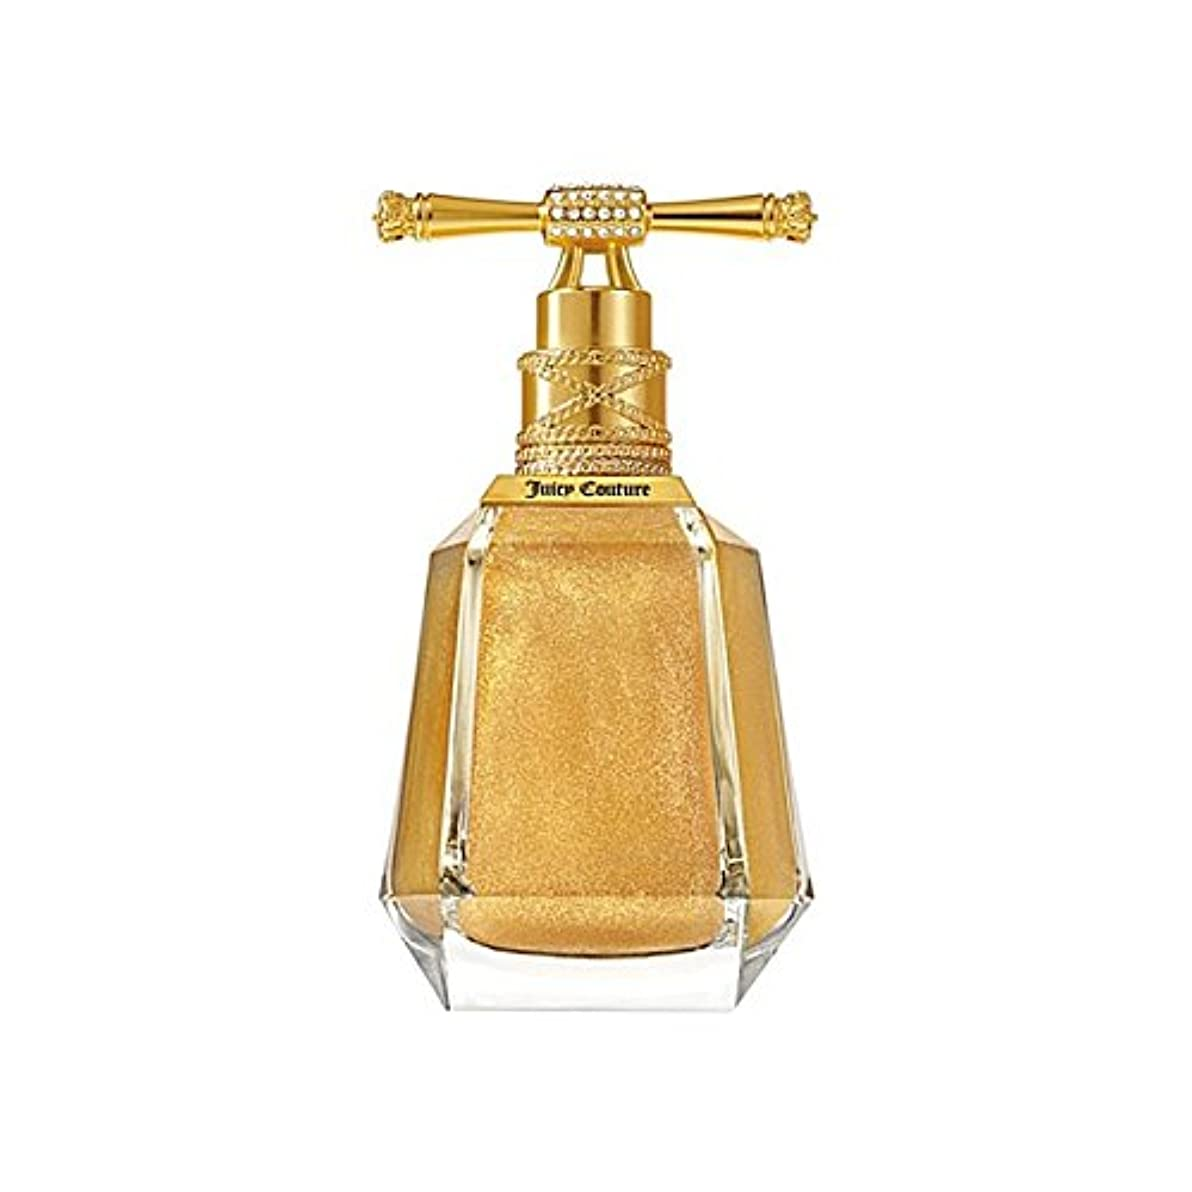 時計回り示す指Juicy Couture Dry Oil Shimmer Mist 100ml (Pack of 6) - ジューシークチュールドライオイルきらめきミスト100ミリリットル x6 [並行輸入品]